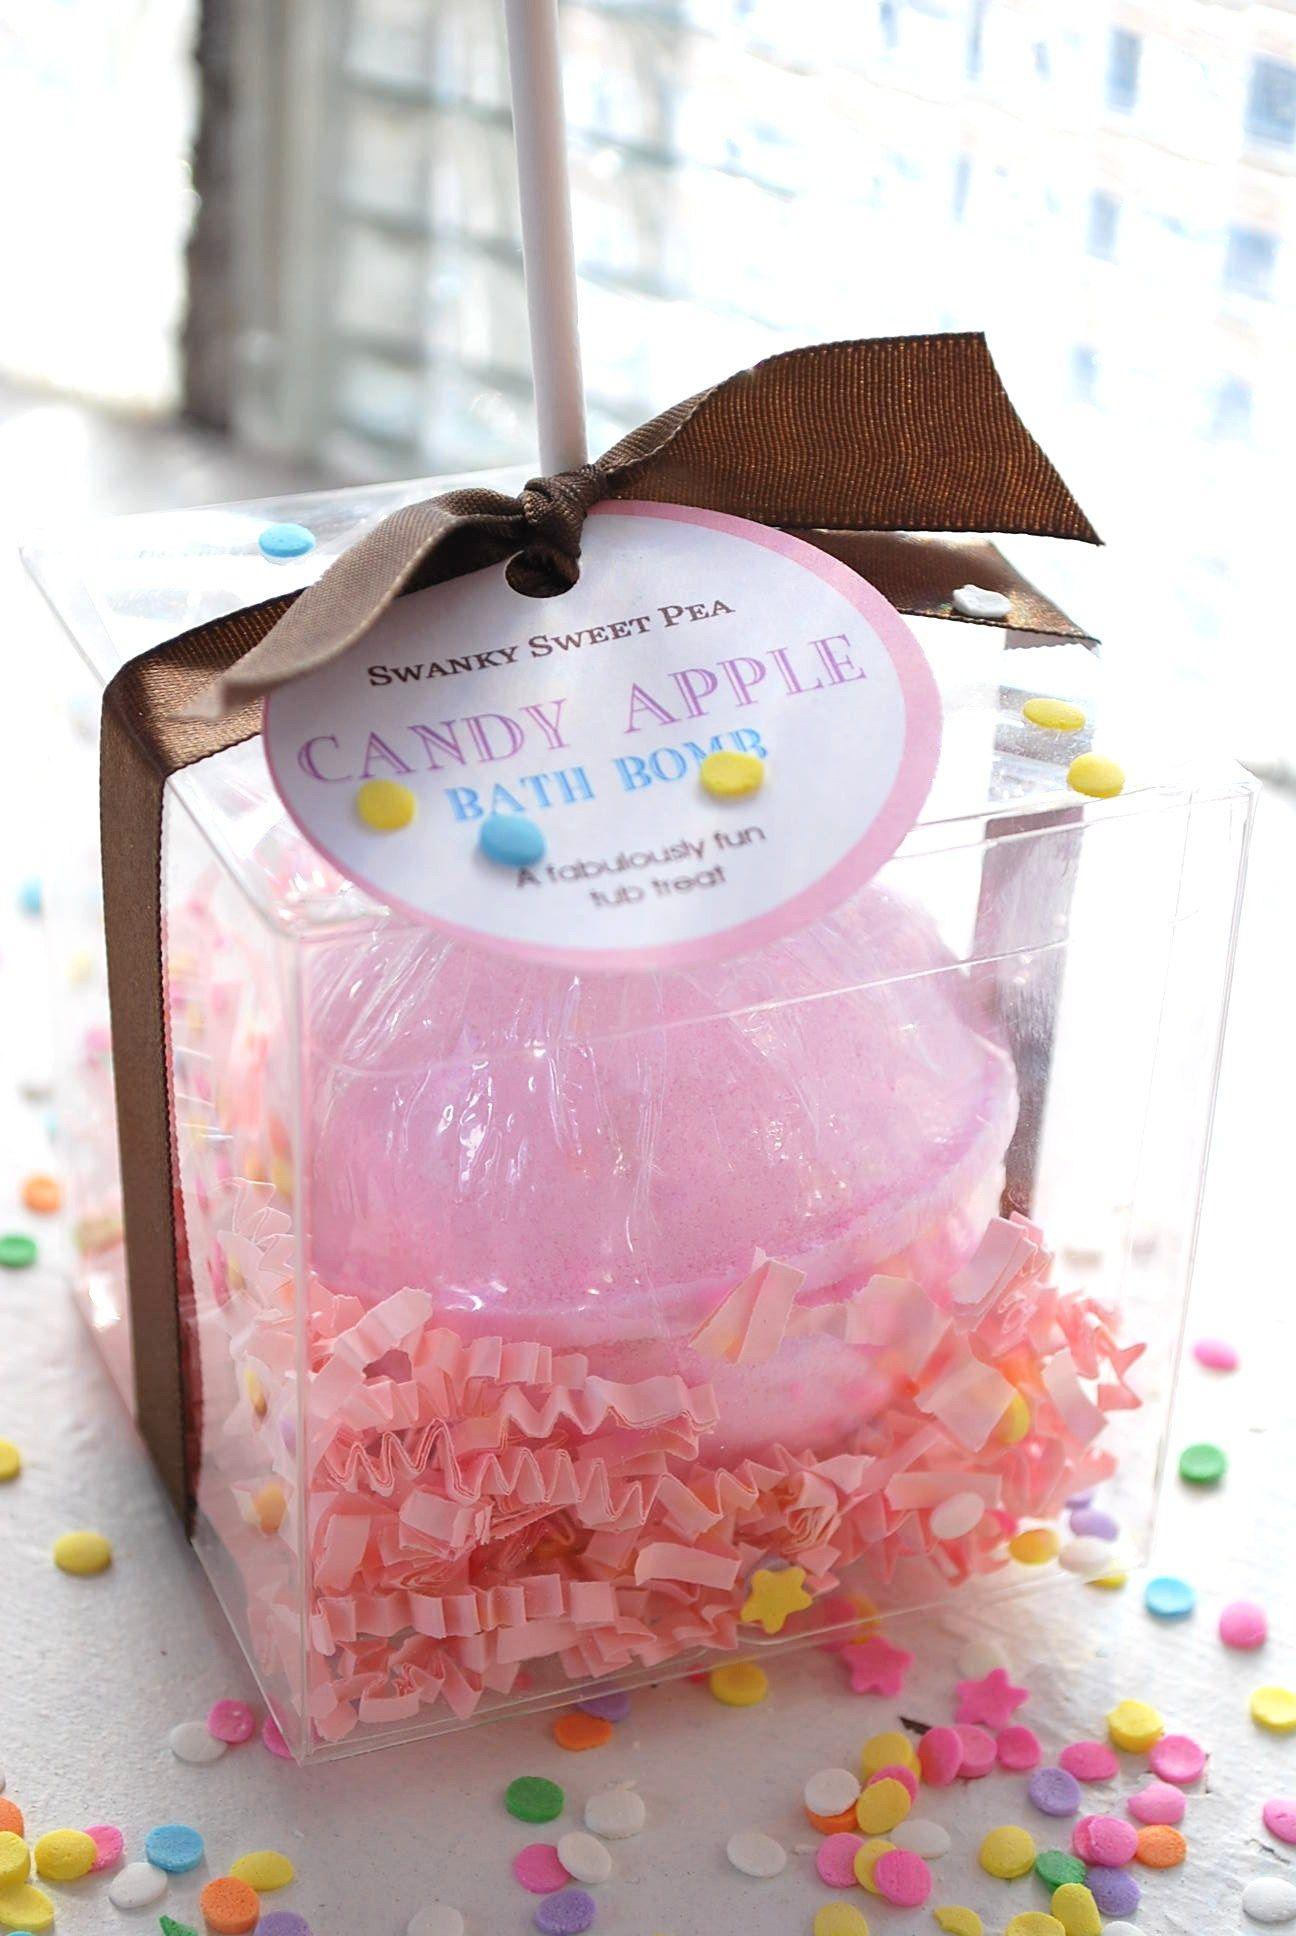 CANDY APPLE BOMB | Bath Bomb Press | Pinterest | Candy apples, Bath ...